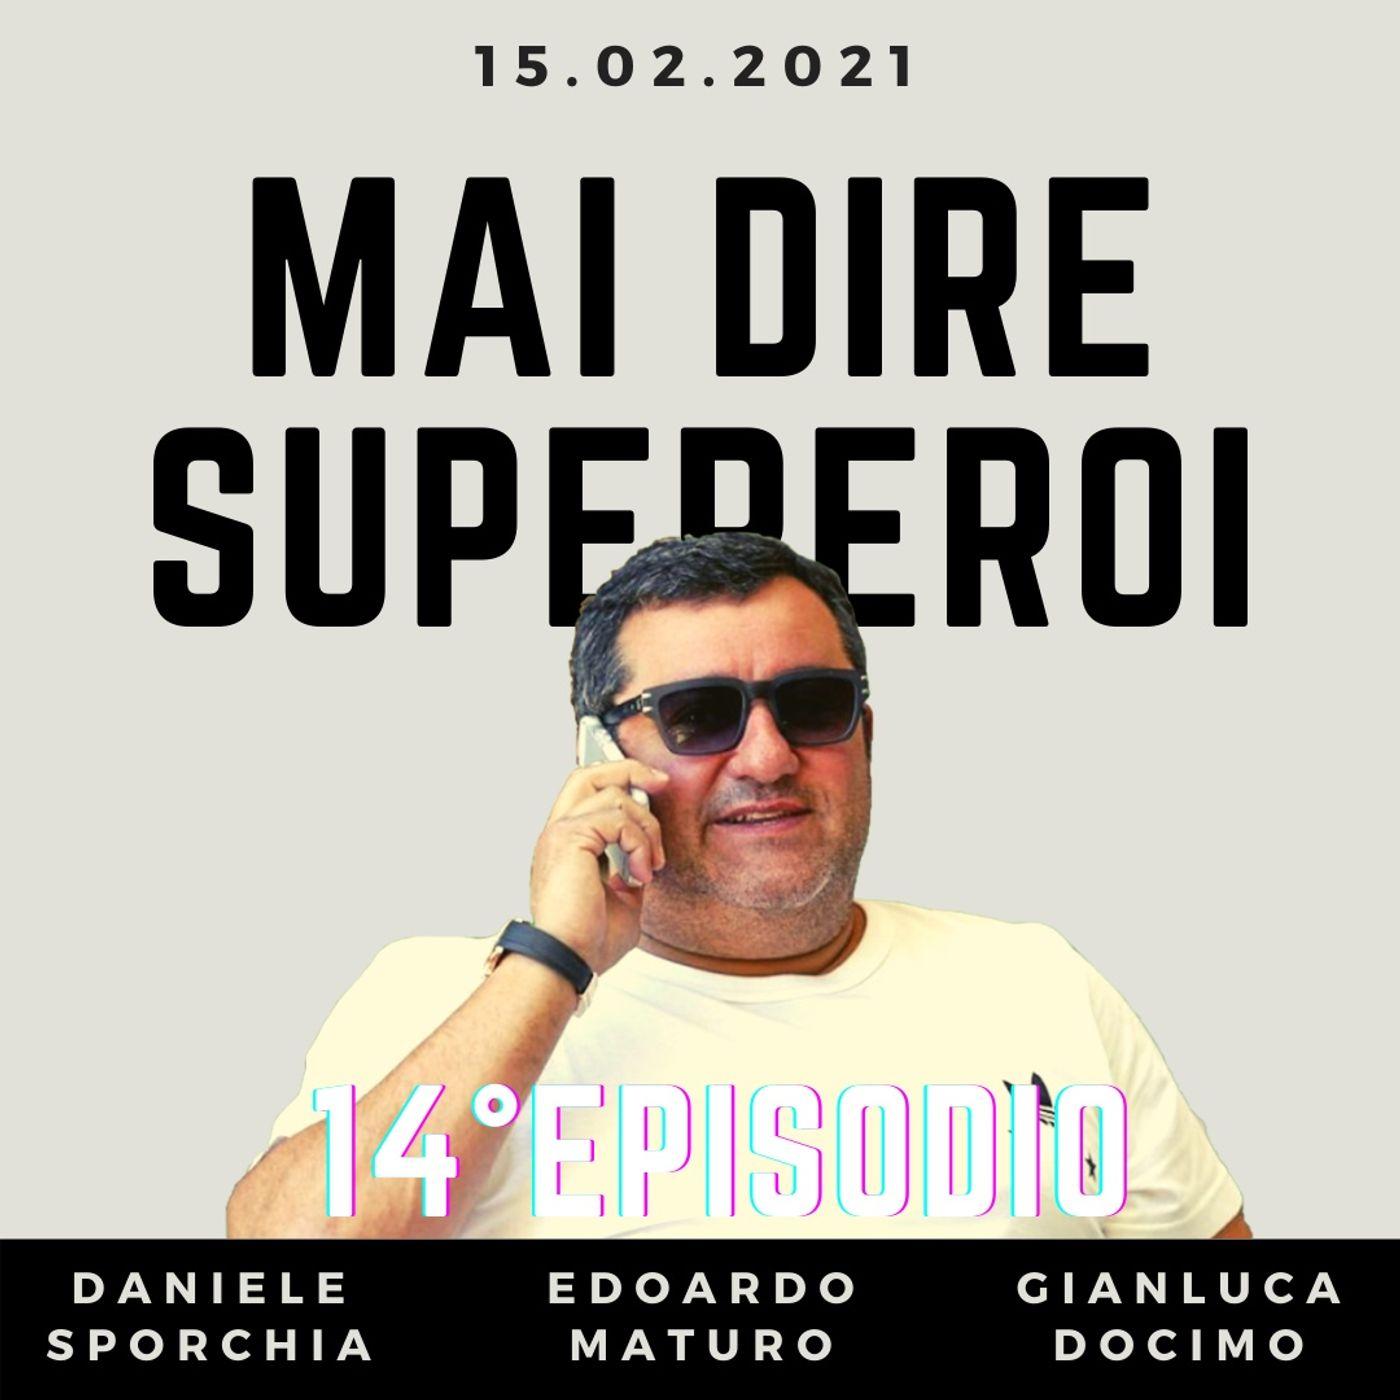 MAI DIRE SUPEREROI - 14° EPISODIO